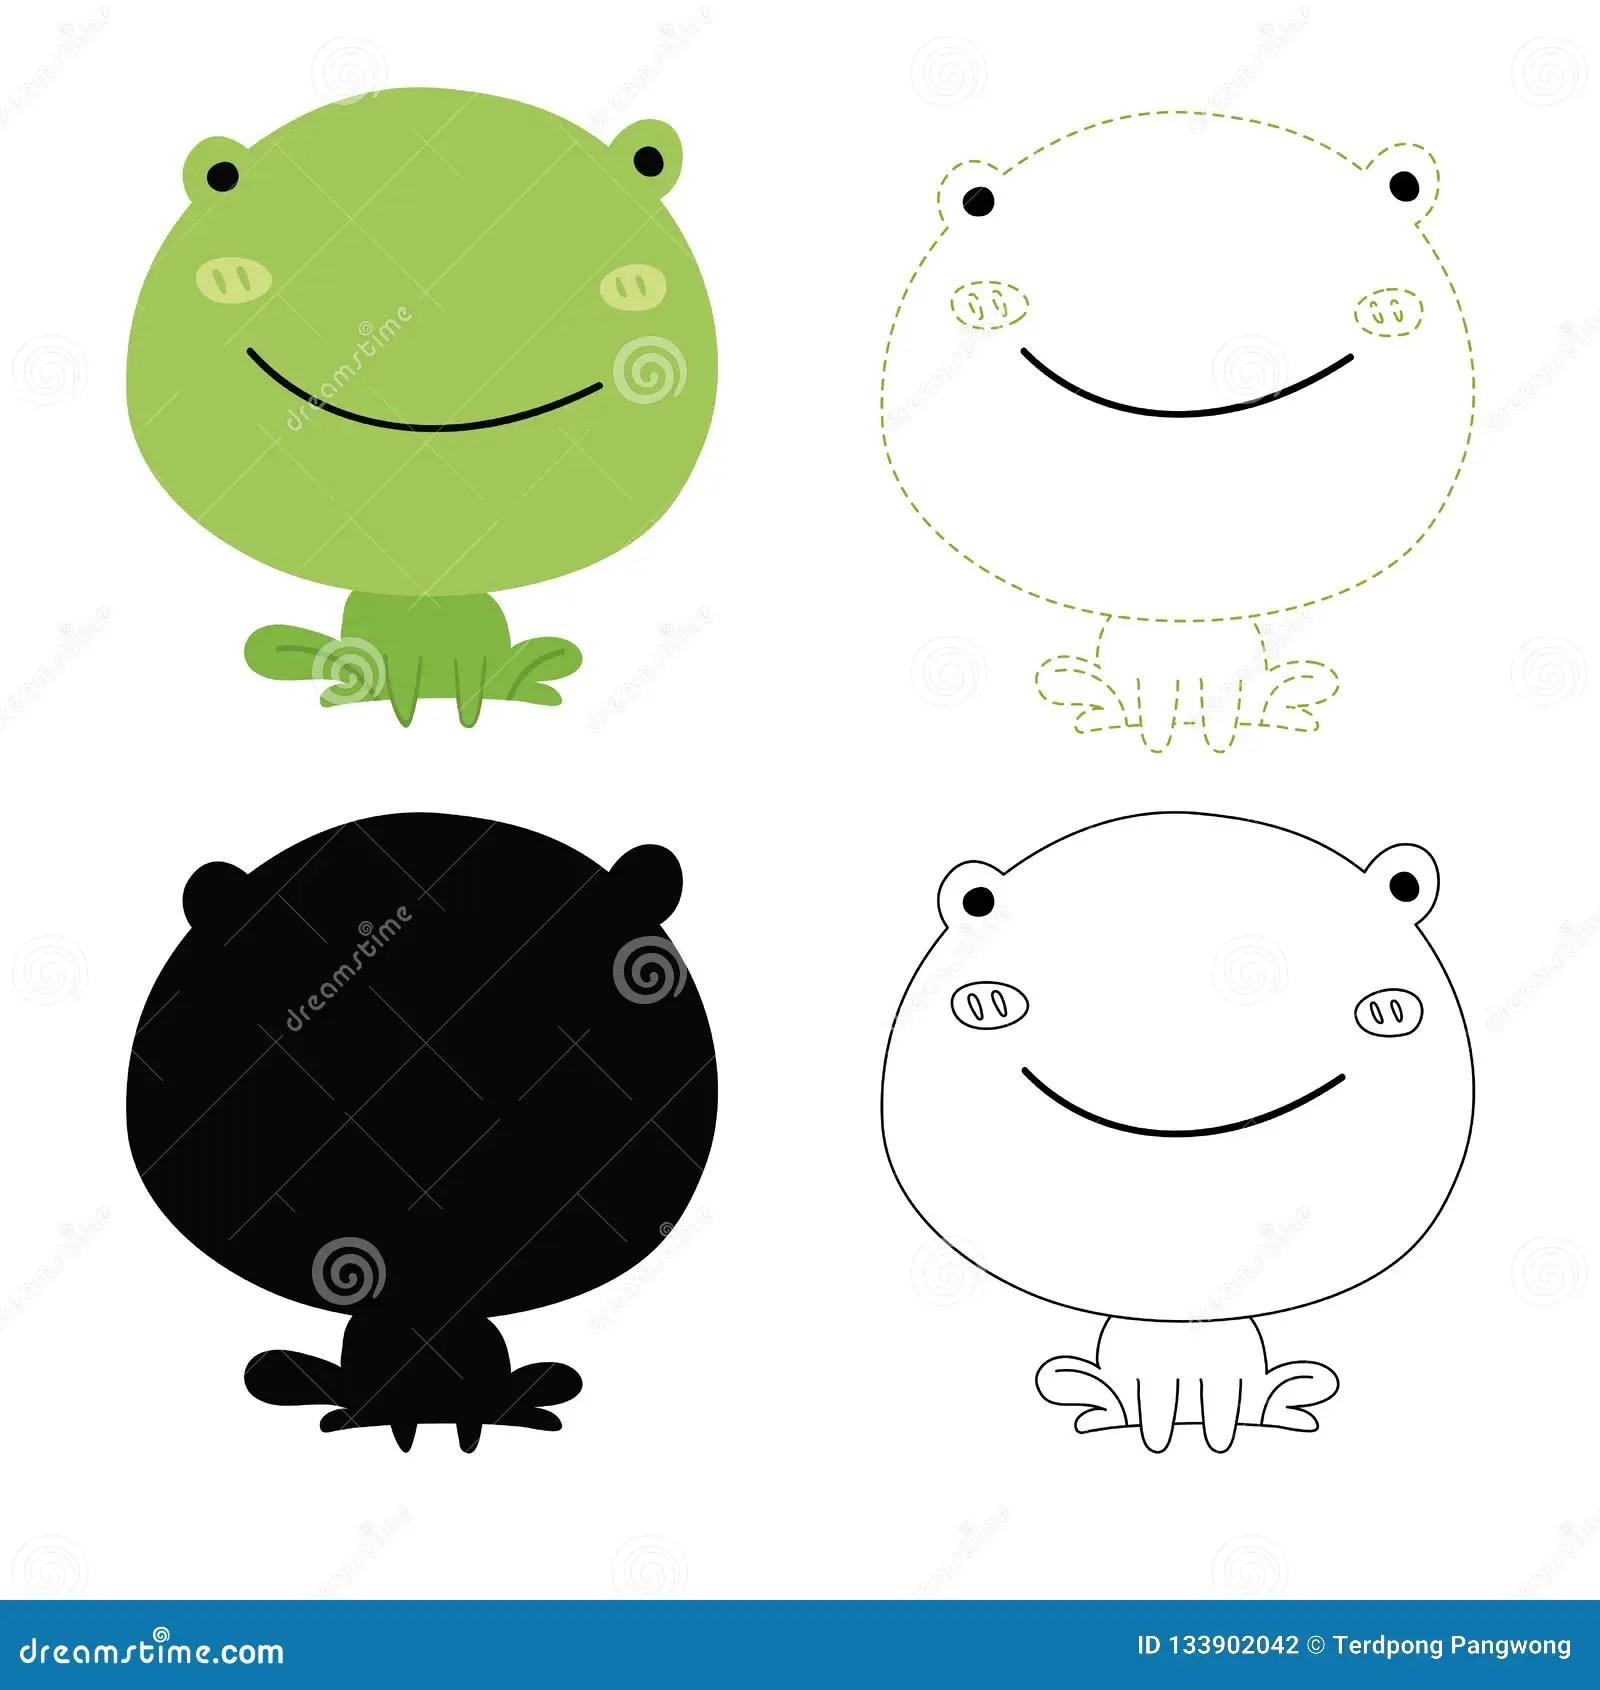 Frog Worksheet Vector Design Stock Vector